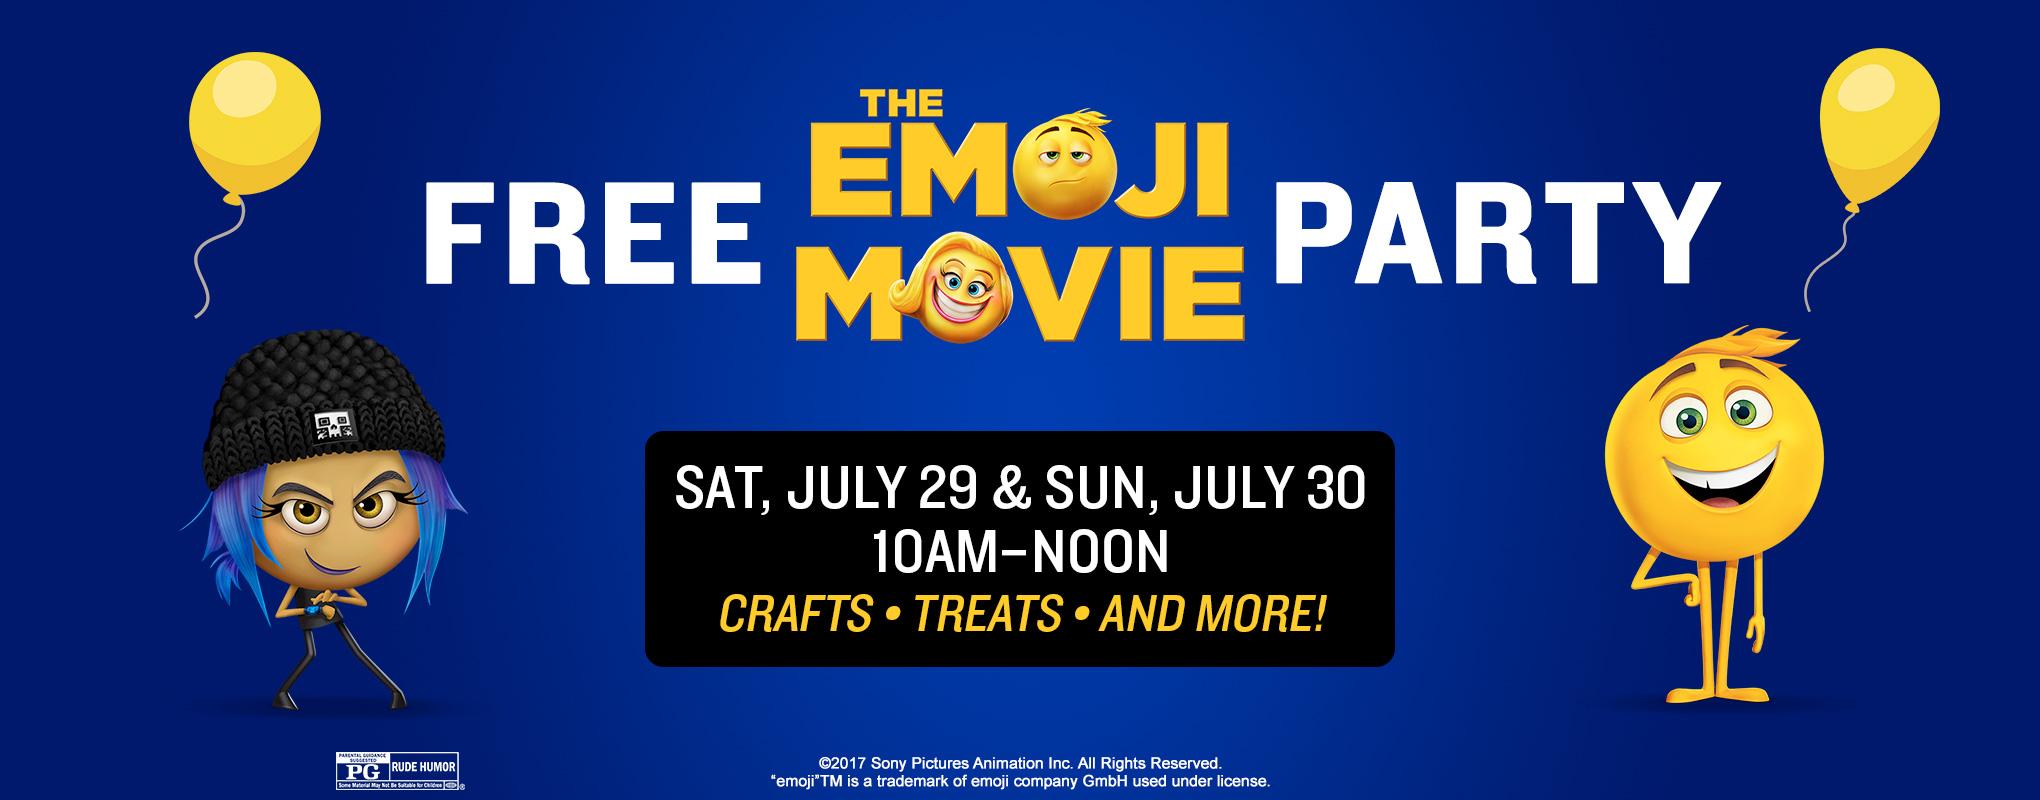 316-free-emoji-movie-party_image